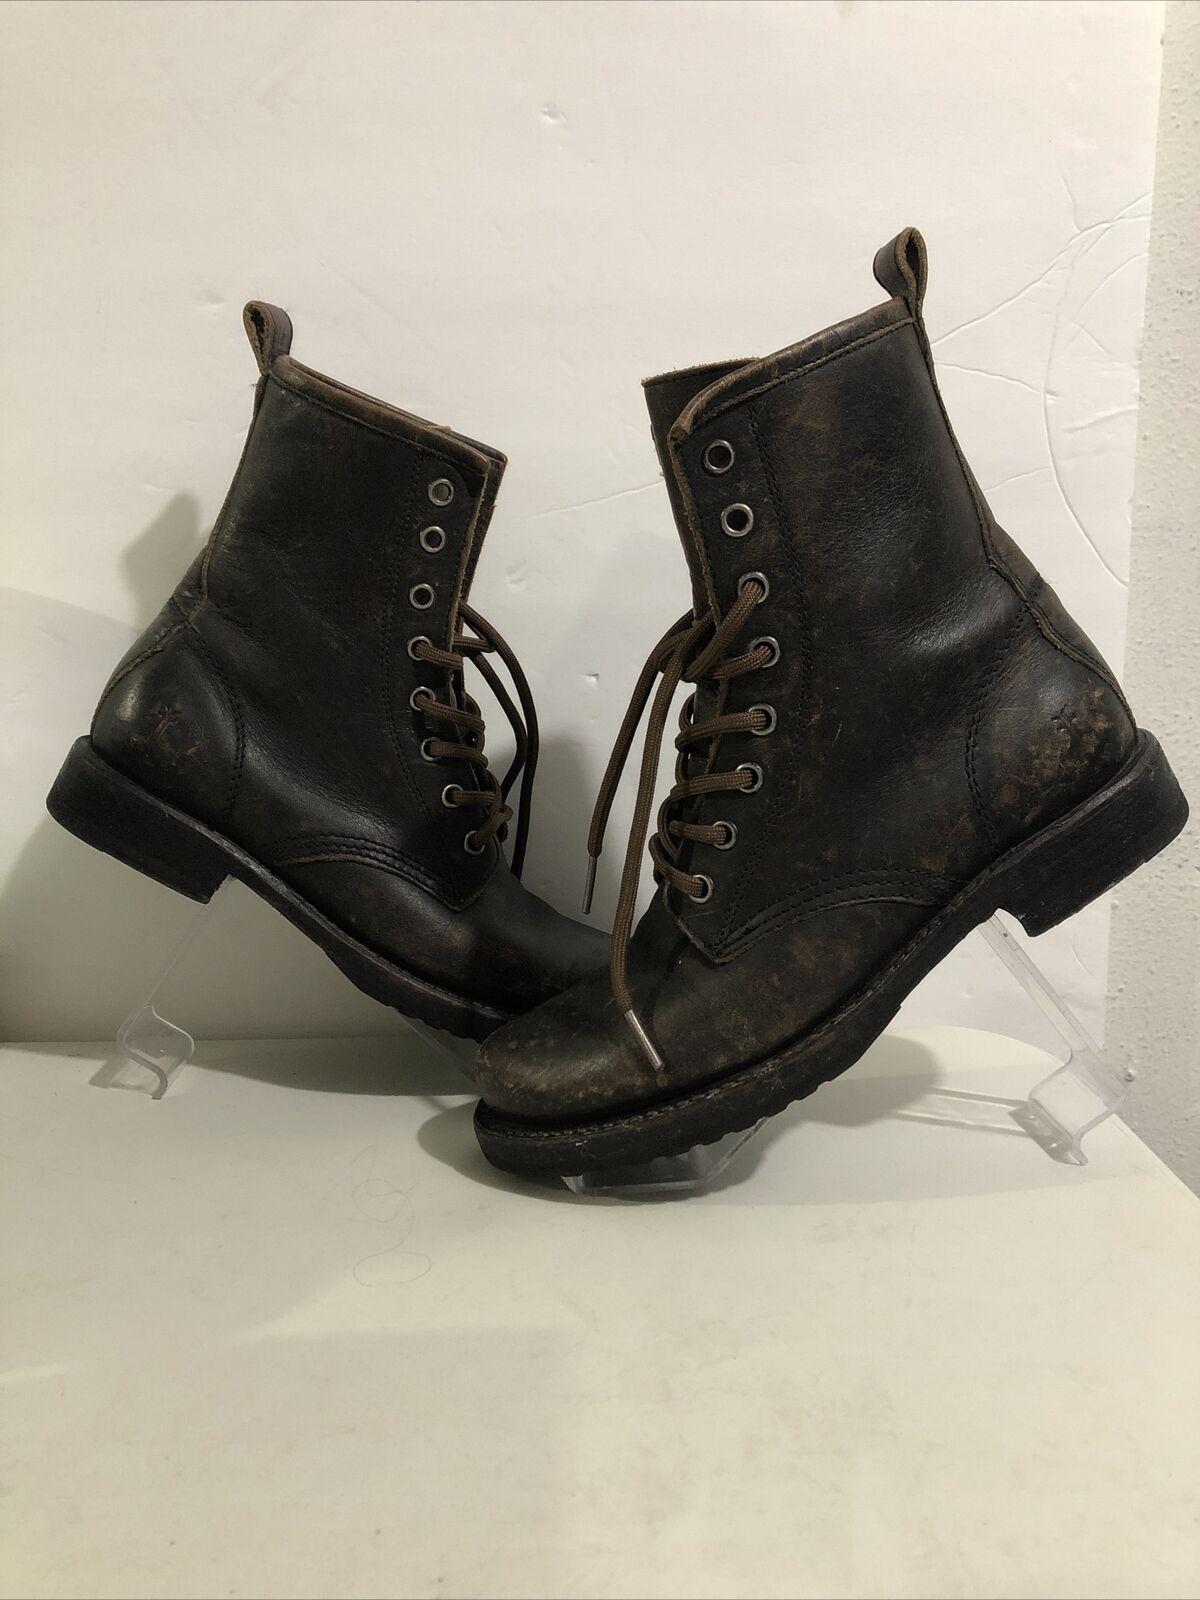 FRYE Women's Veronica Combat Boots Dark Brown Sz 6 B